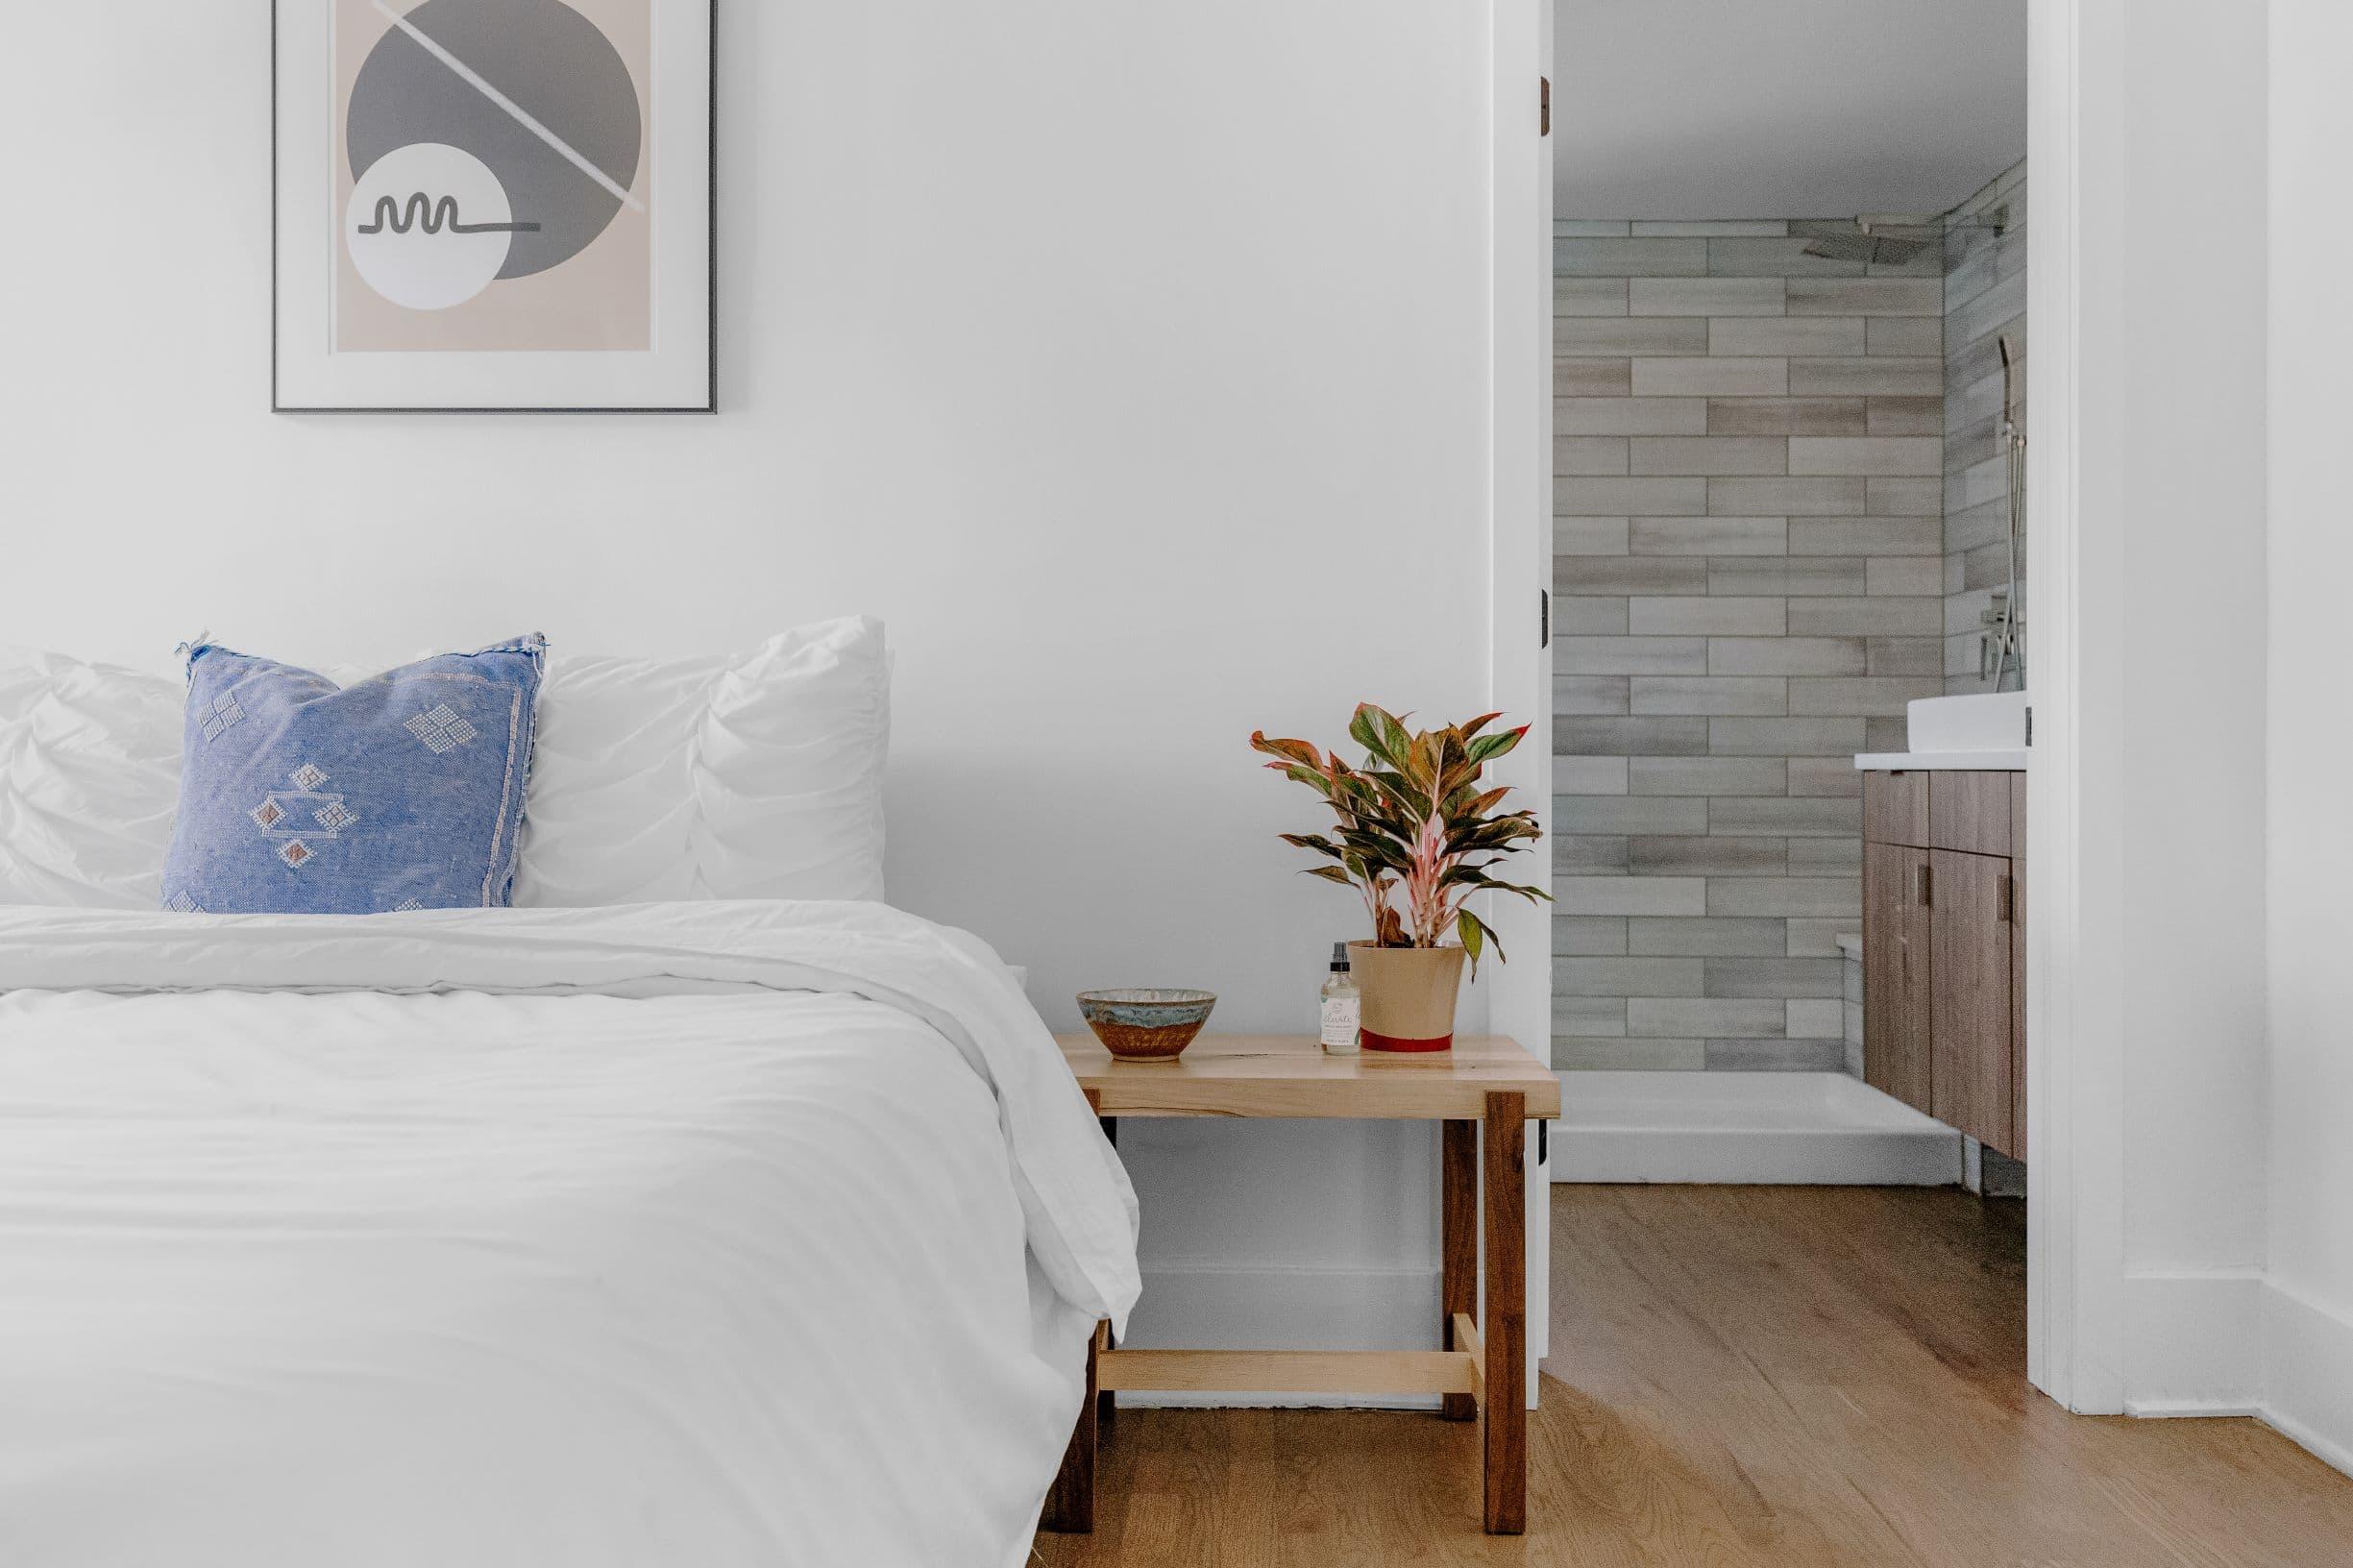 Matras reinigen: tips voor het schoonmaken van je matras (na je Moederdagontbijt)